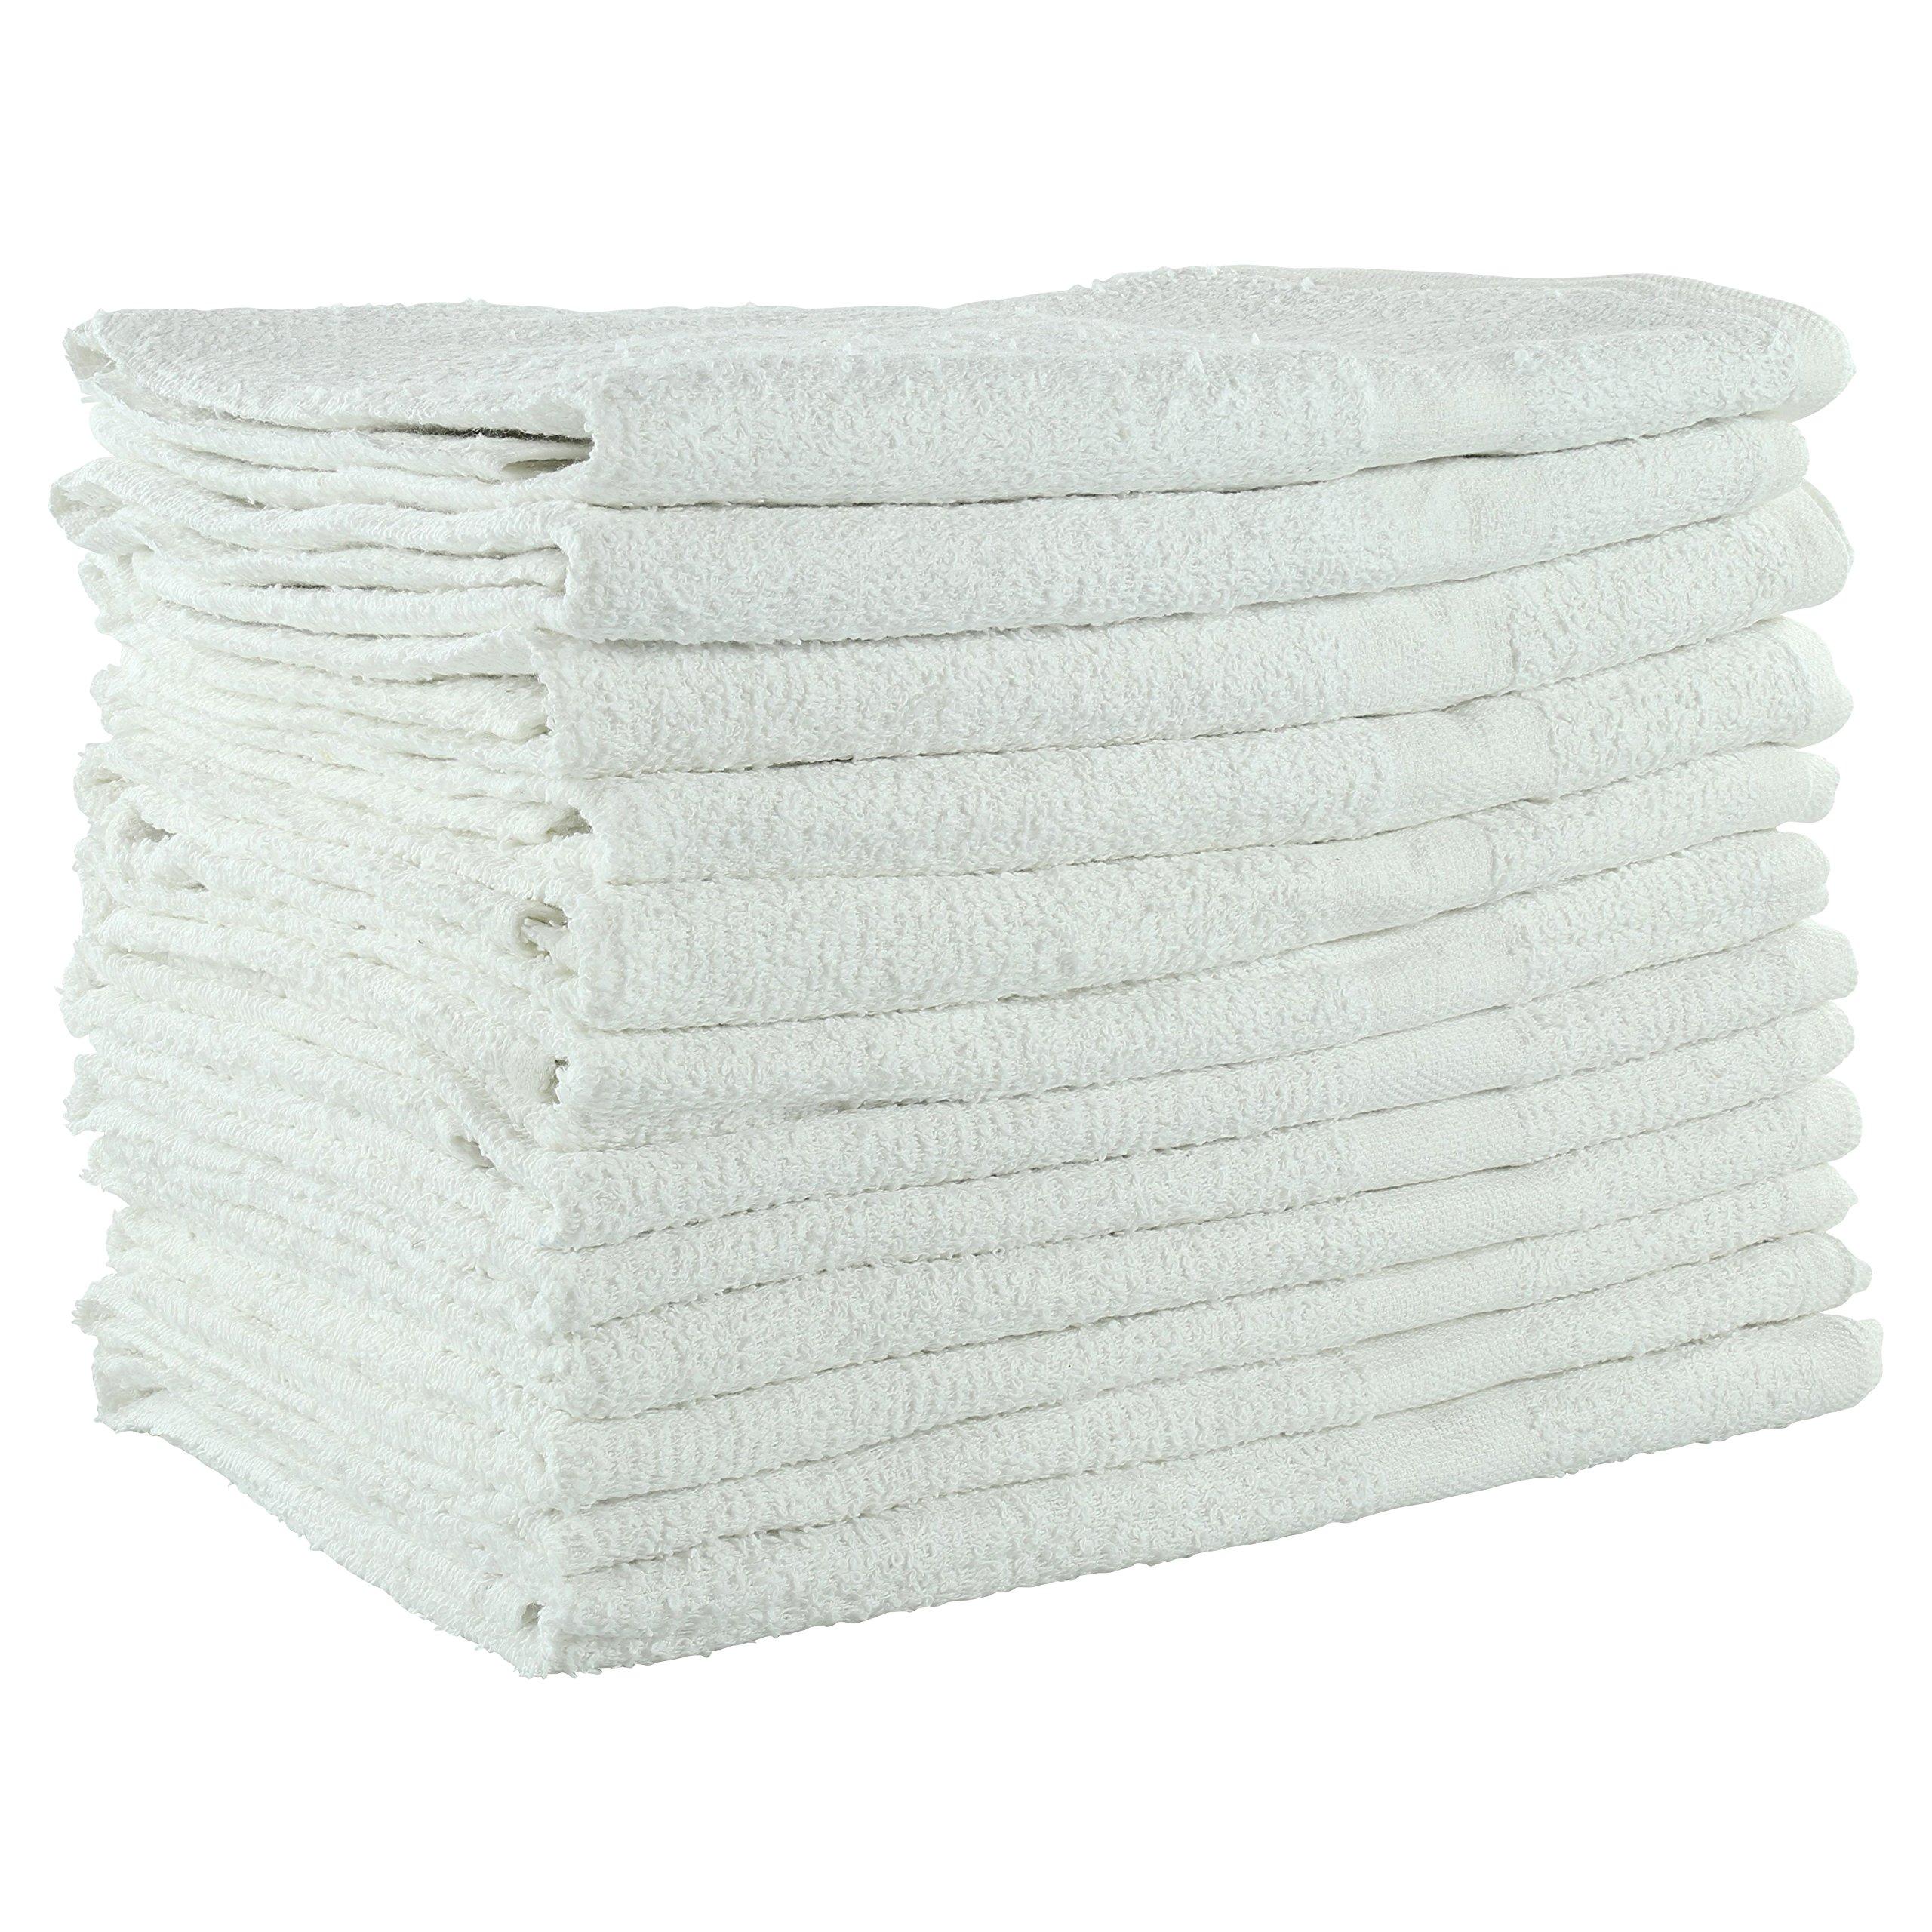 Jmr White Terry 22x44 6lb 100% Cotton Bath Towels,12 pk